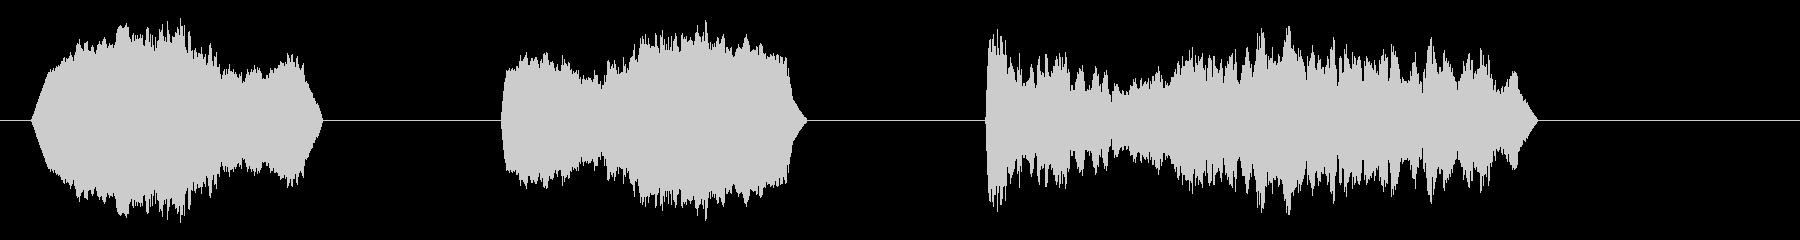 ホイッスル-ロングスライド-3バージョンの未再生の波形